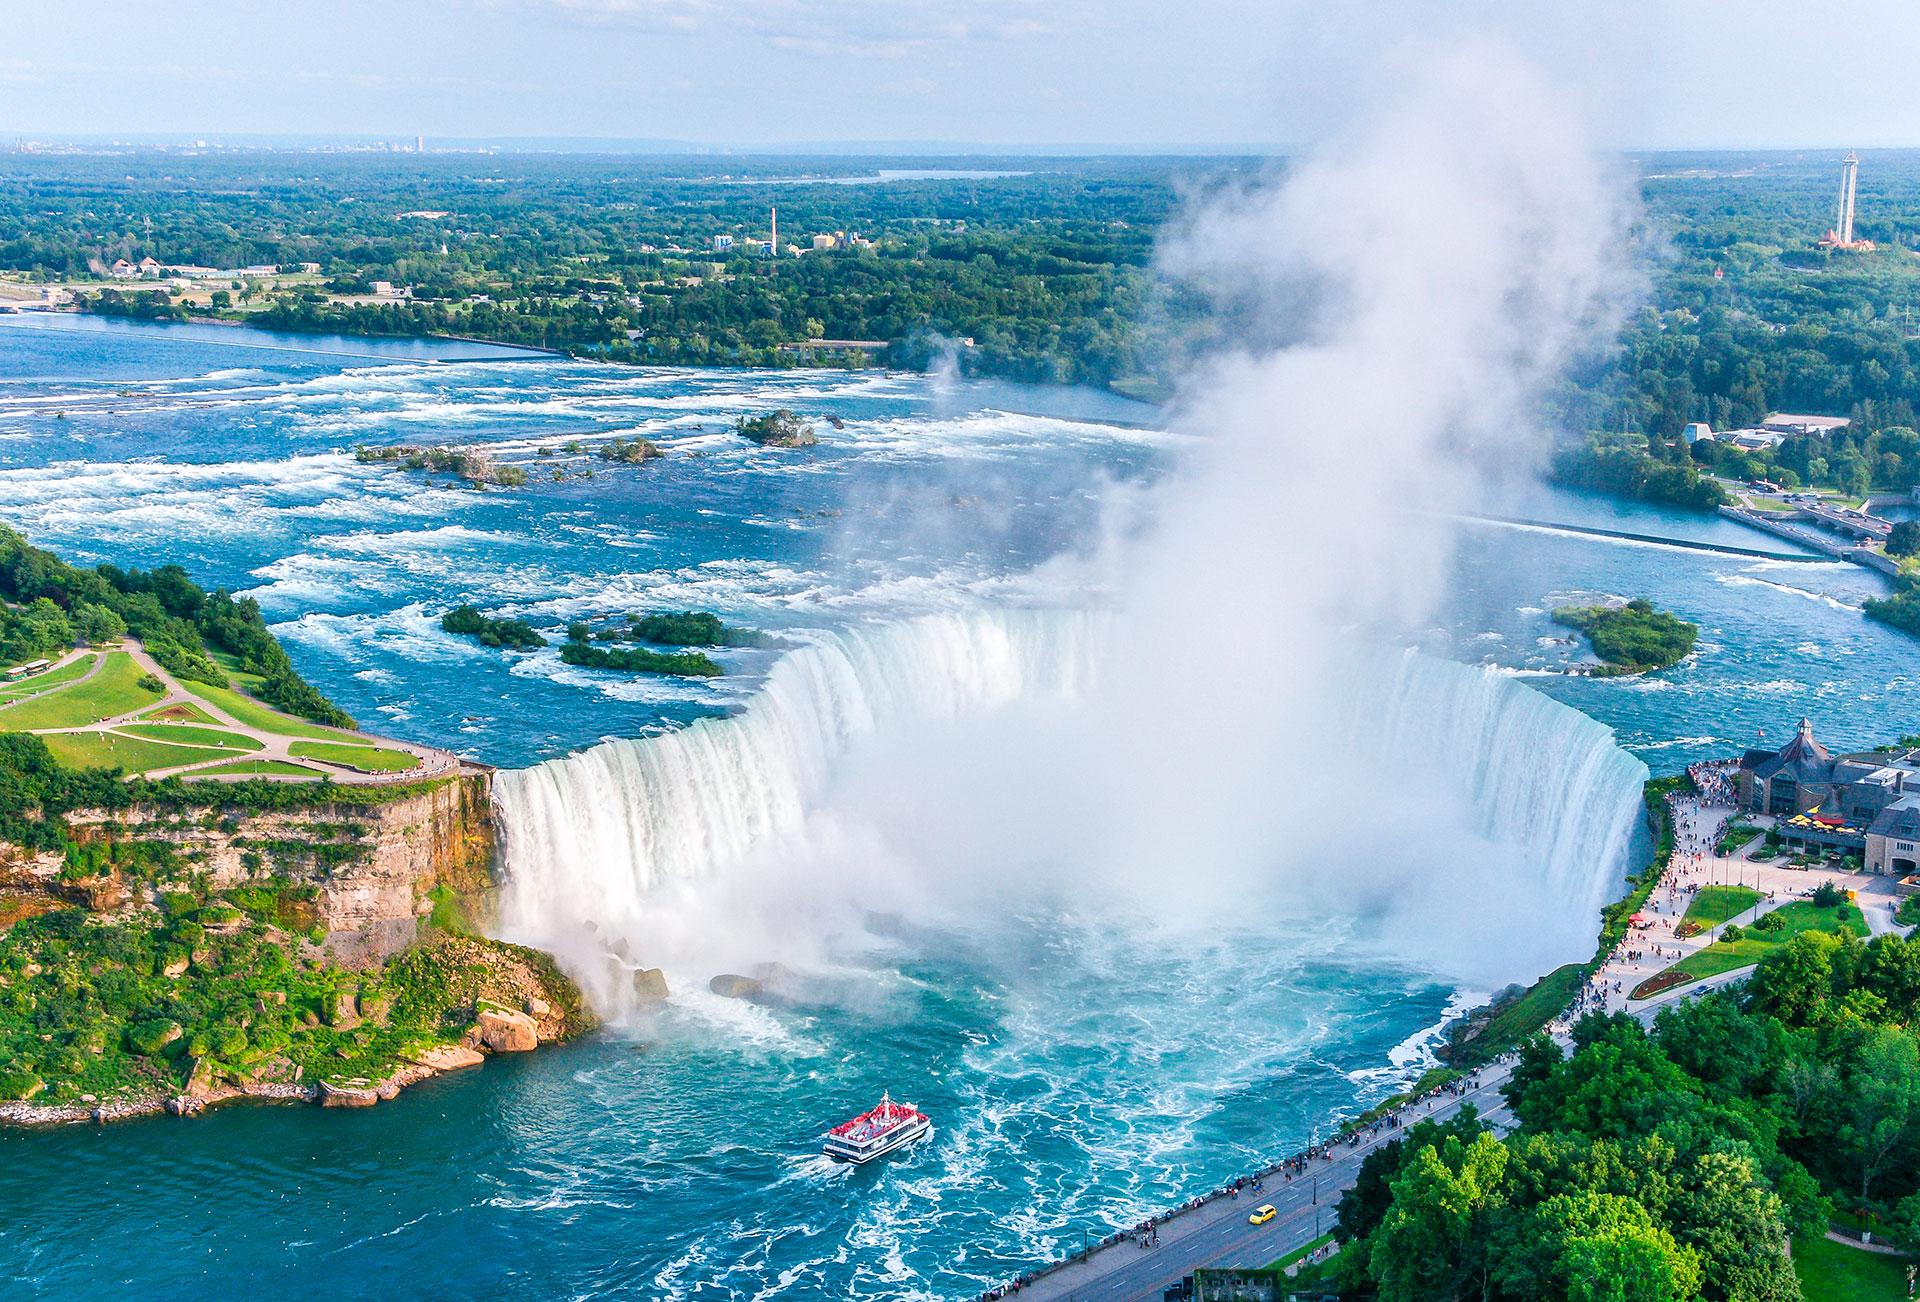 Con aproximadamente 30 millones de visitantes al año, las Cataratas del Niágara son una de las cascadas más populares del mundo